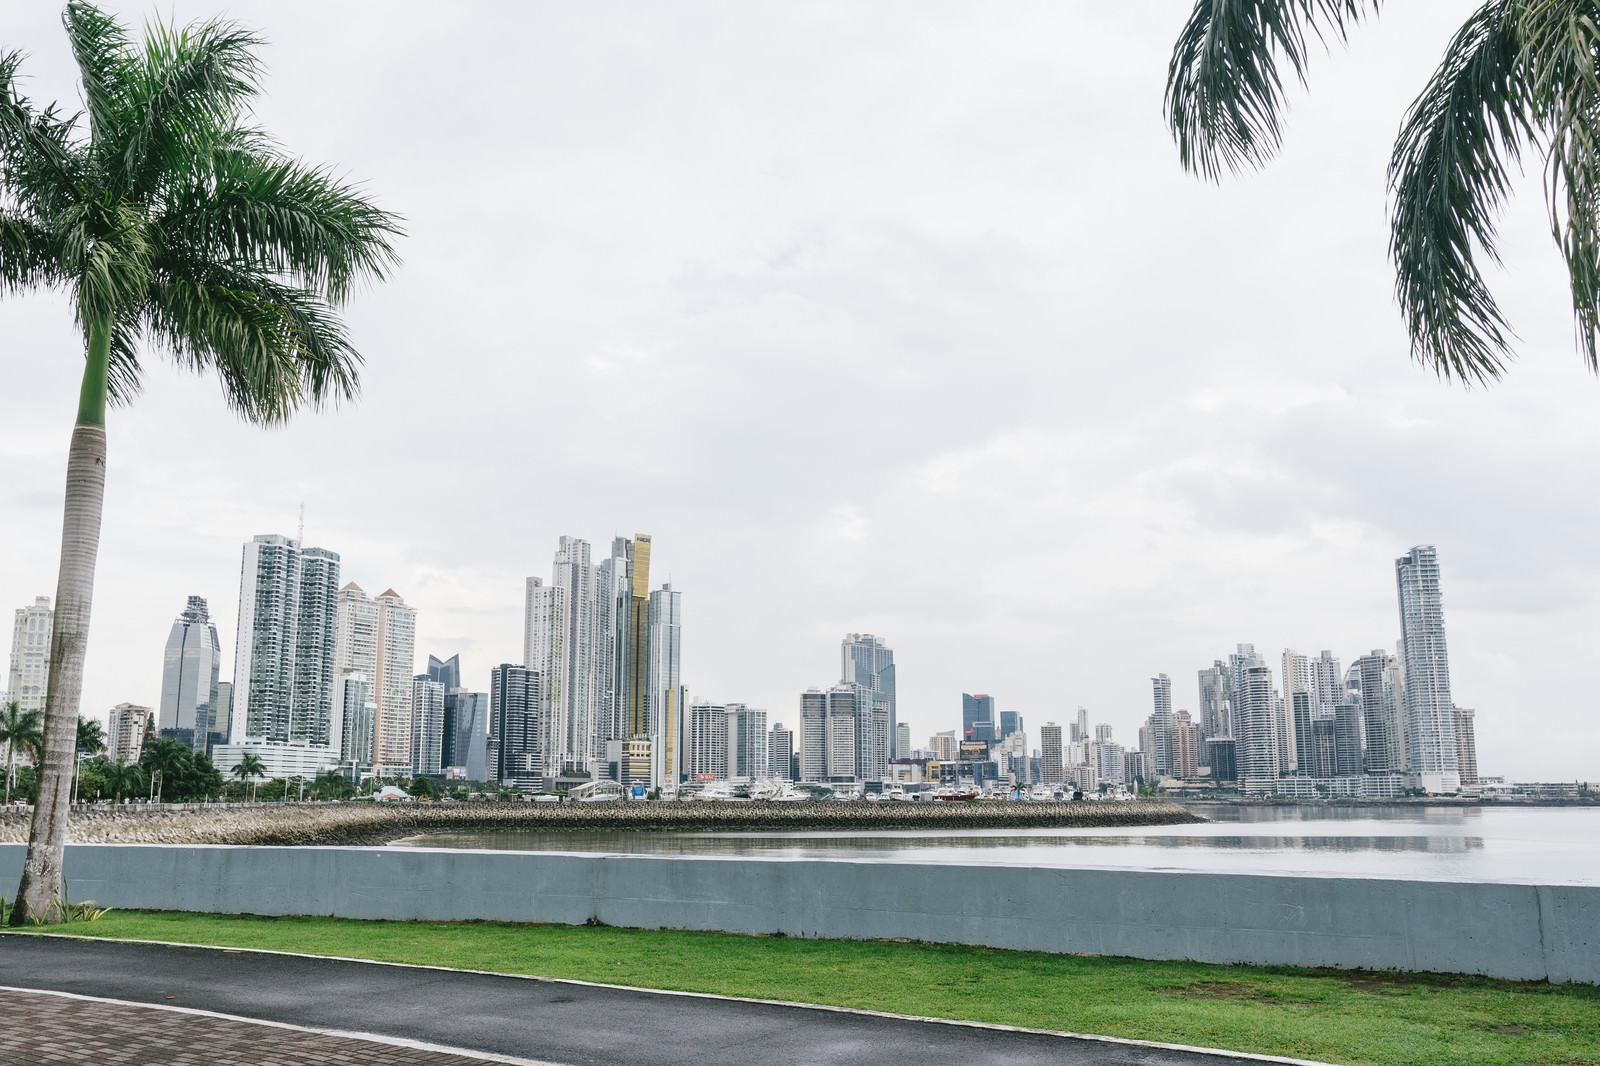 「パナマの海岸と都市」の写真